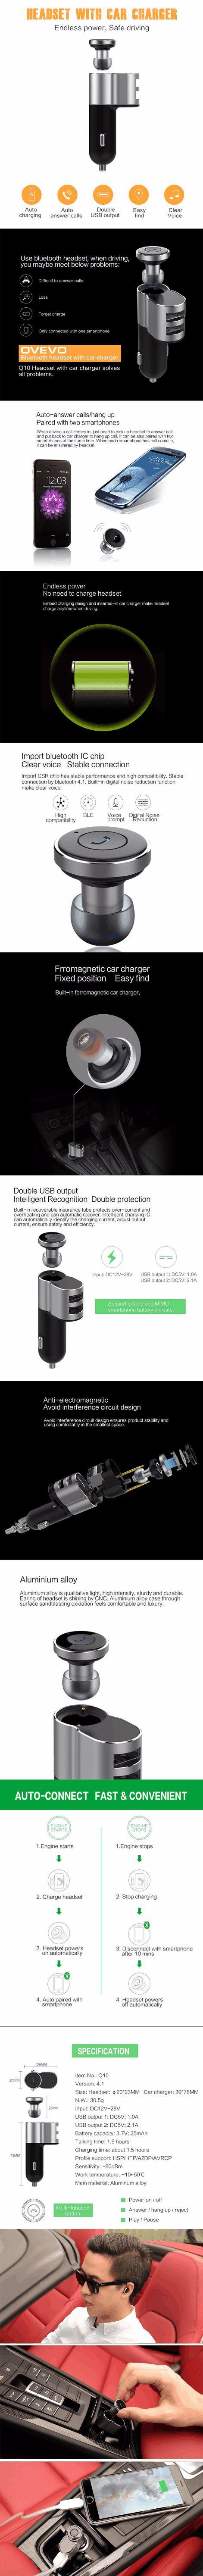 OVEVO Q10 2 en 1 Bluetooth 4.1 Casque avec USB double chargeur de voiture € 17,78 casque OVEVO Q10 permettra de charger même pendant la conduite avec l'aide de l'interface USB de charge. Ce kit chargeur Bluetooth et voiture vous assure de recevoir la meilleure qualité d'audio, tout en ayant toujours un moyen de recharger votre téléphone.